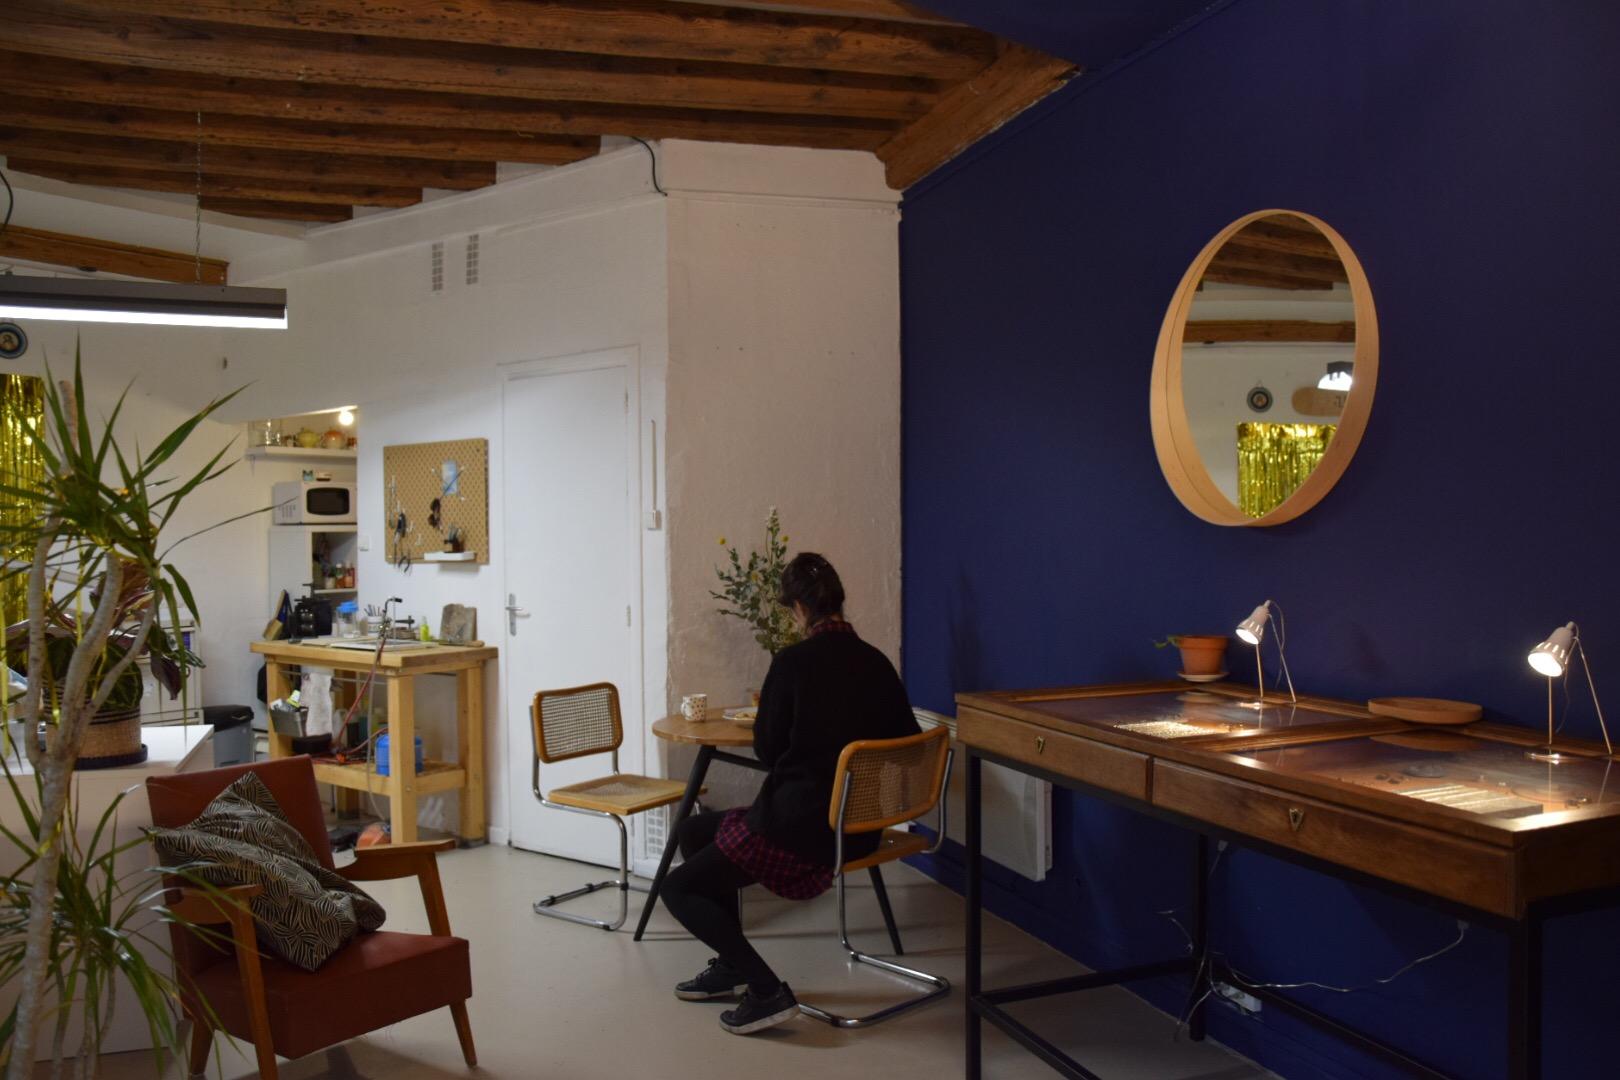 atelier boutique bijouterie lyon